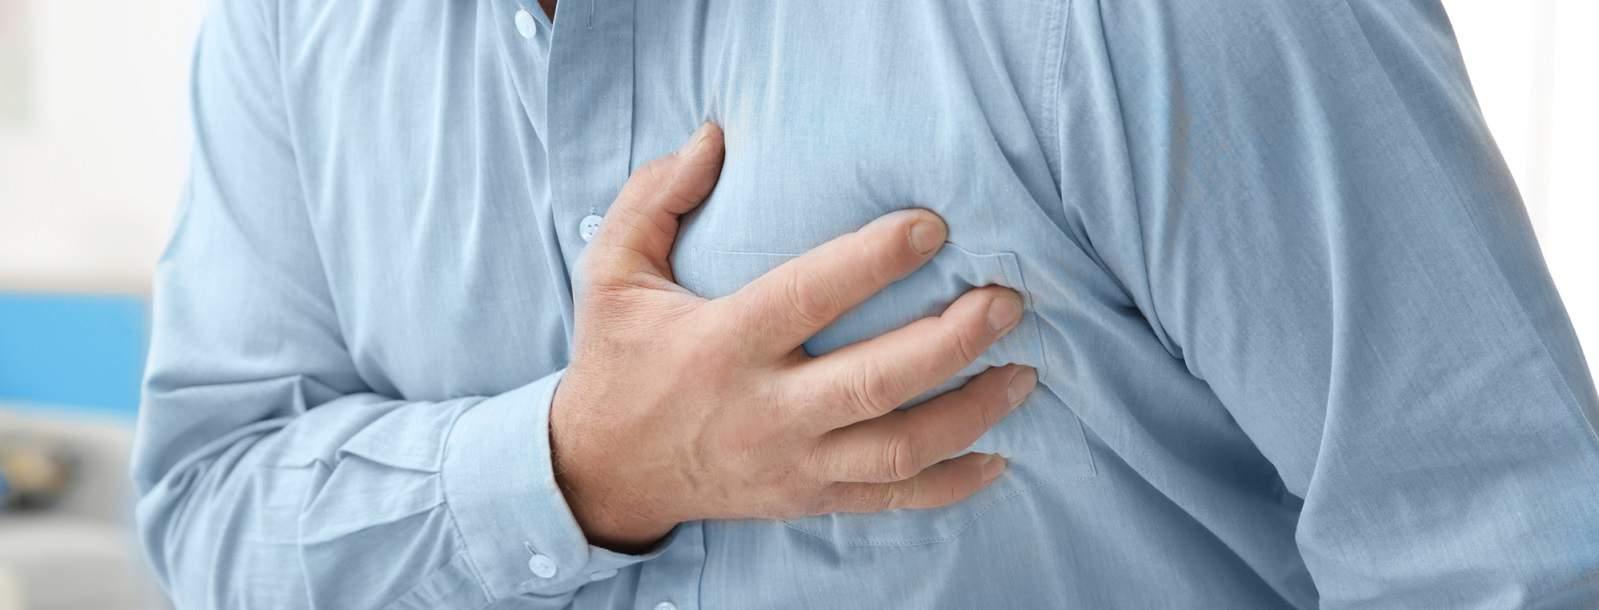 Sociedade Brasileira de Cardiologia faz campanha sobre angina